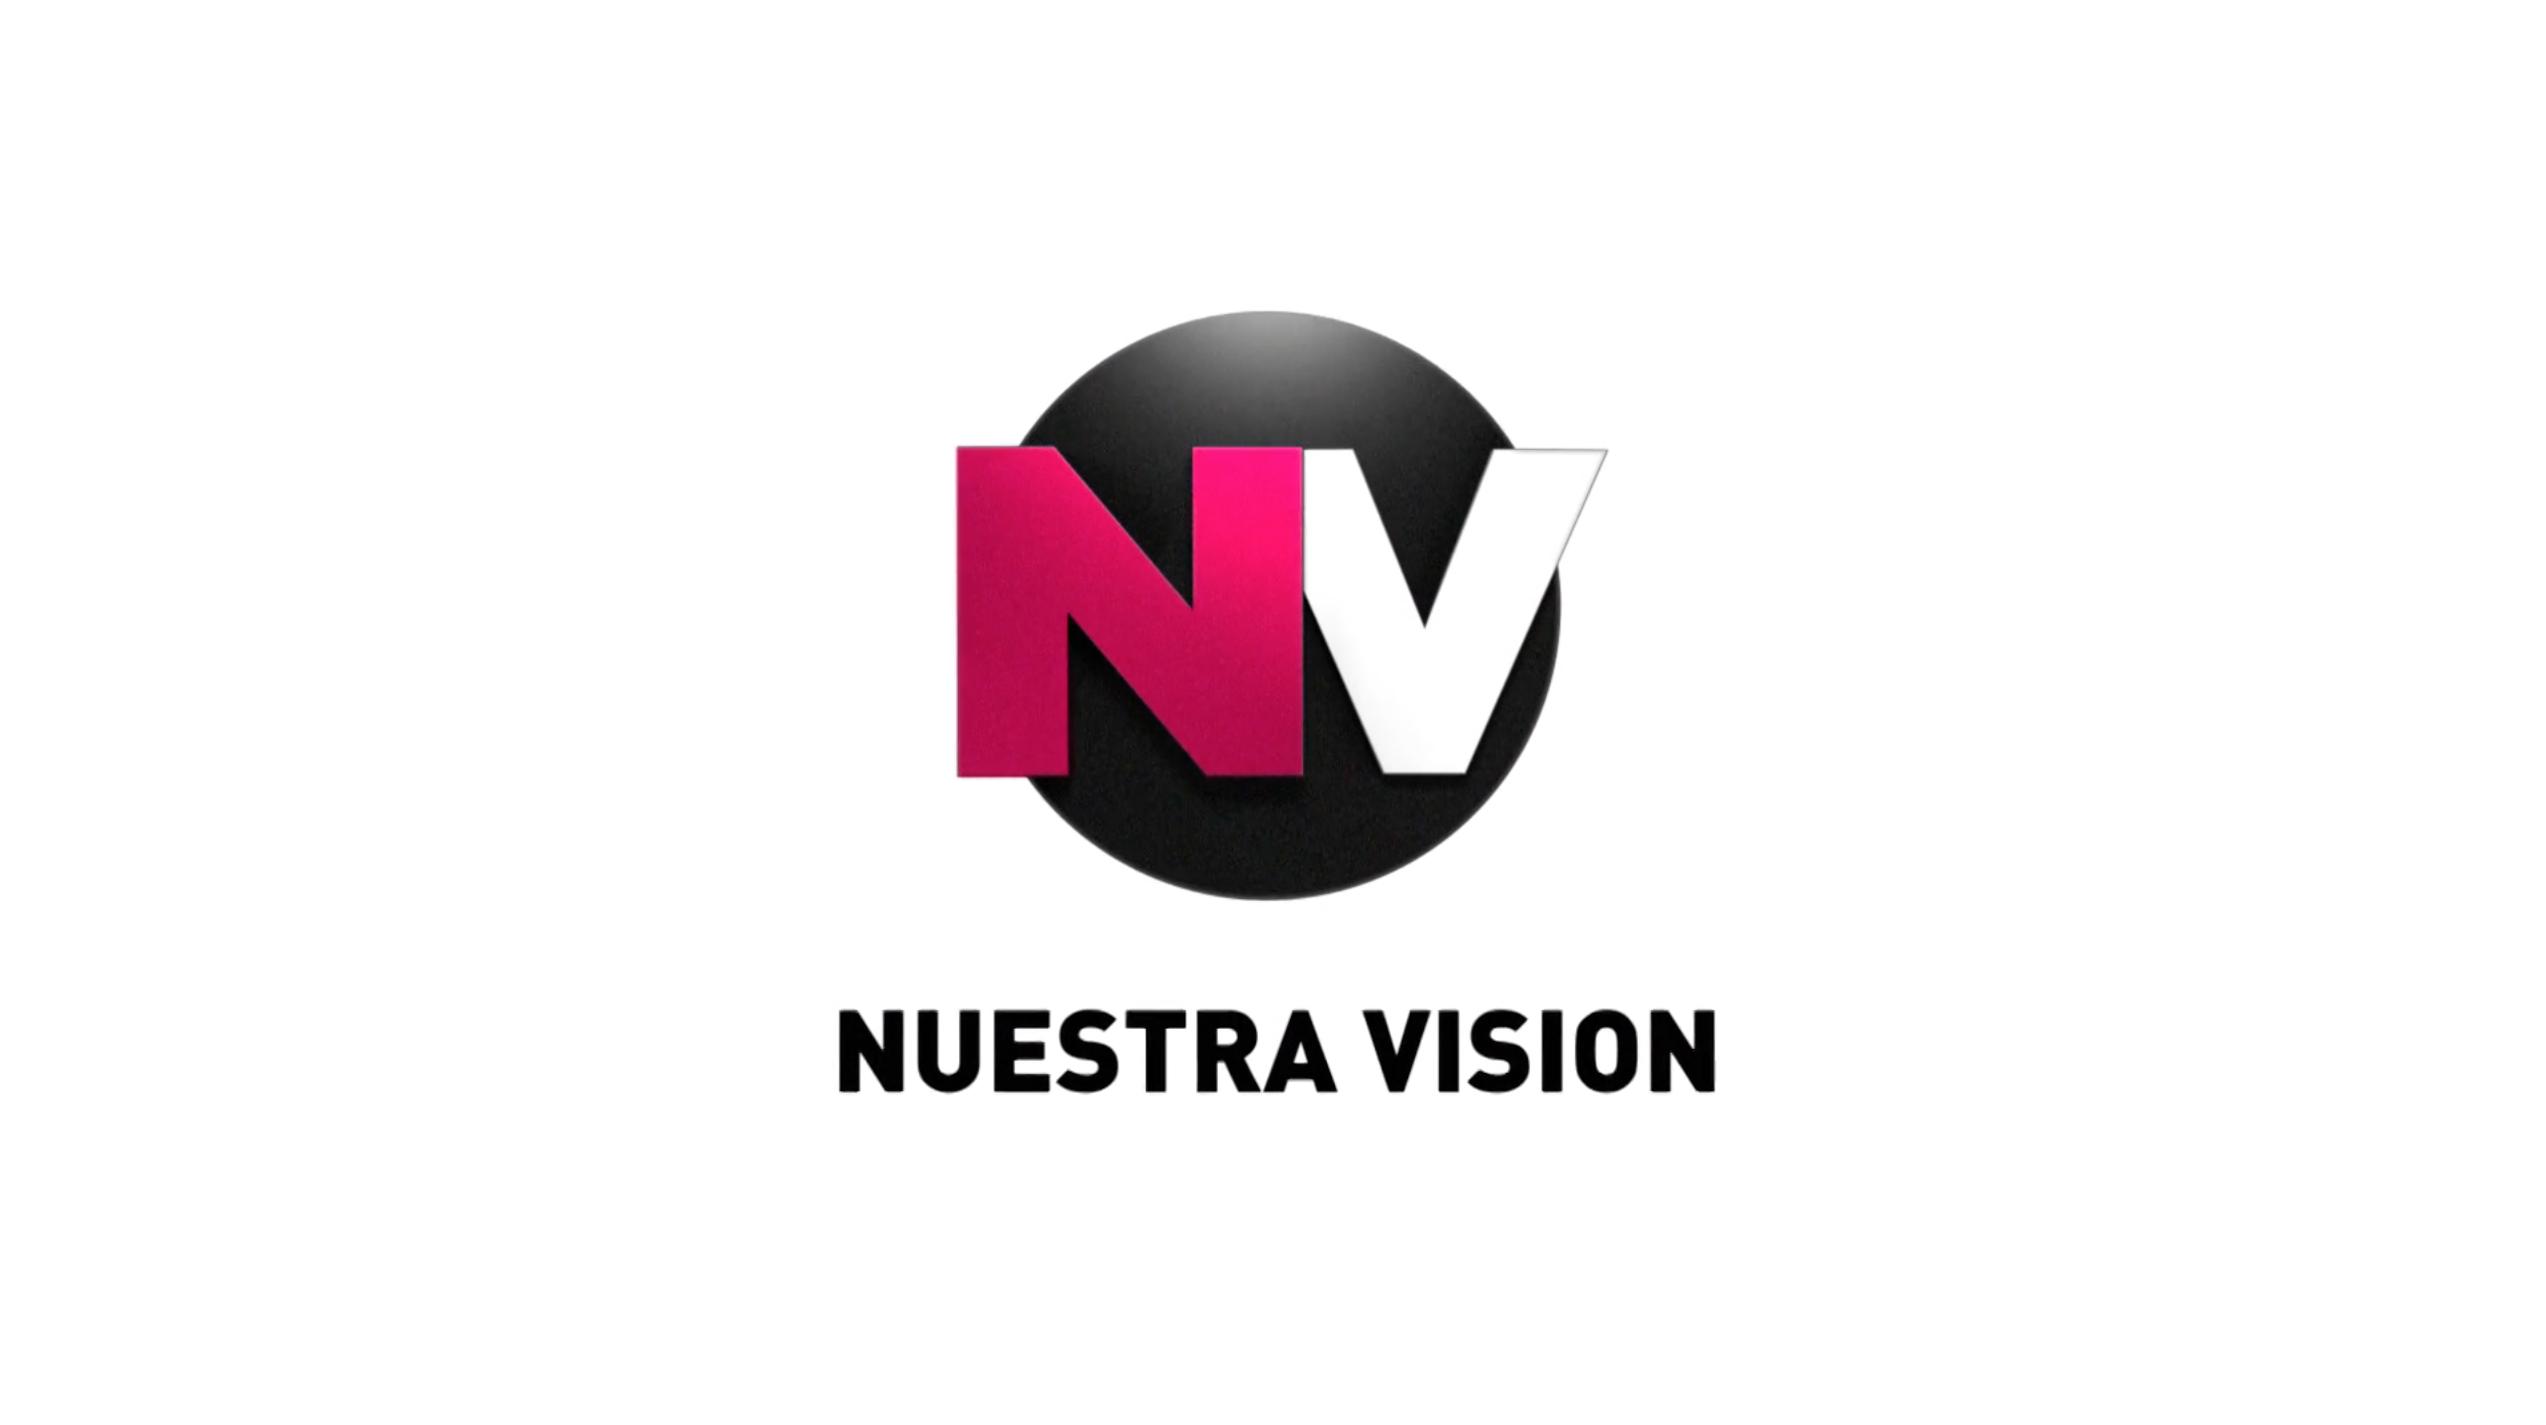 Nuestra_Vision.png